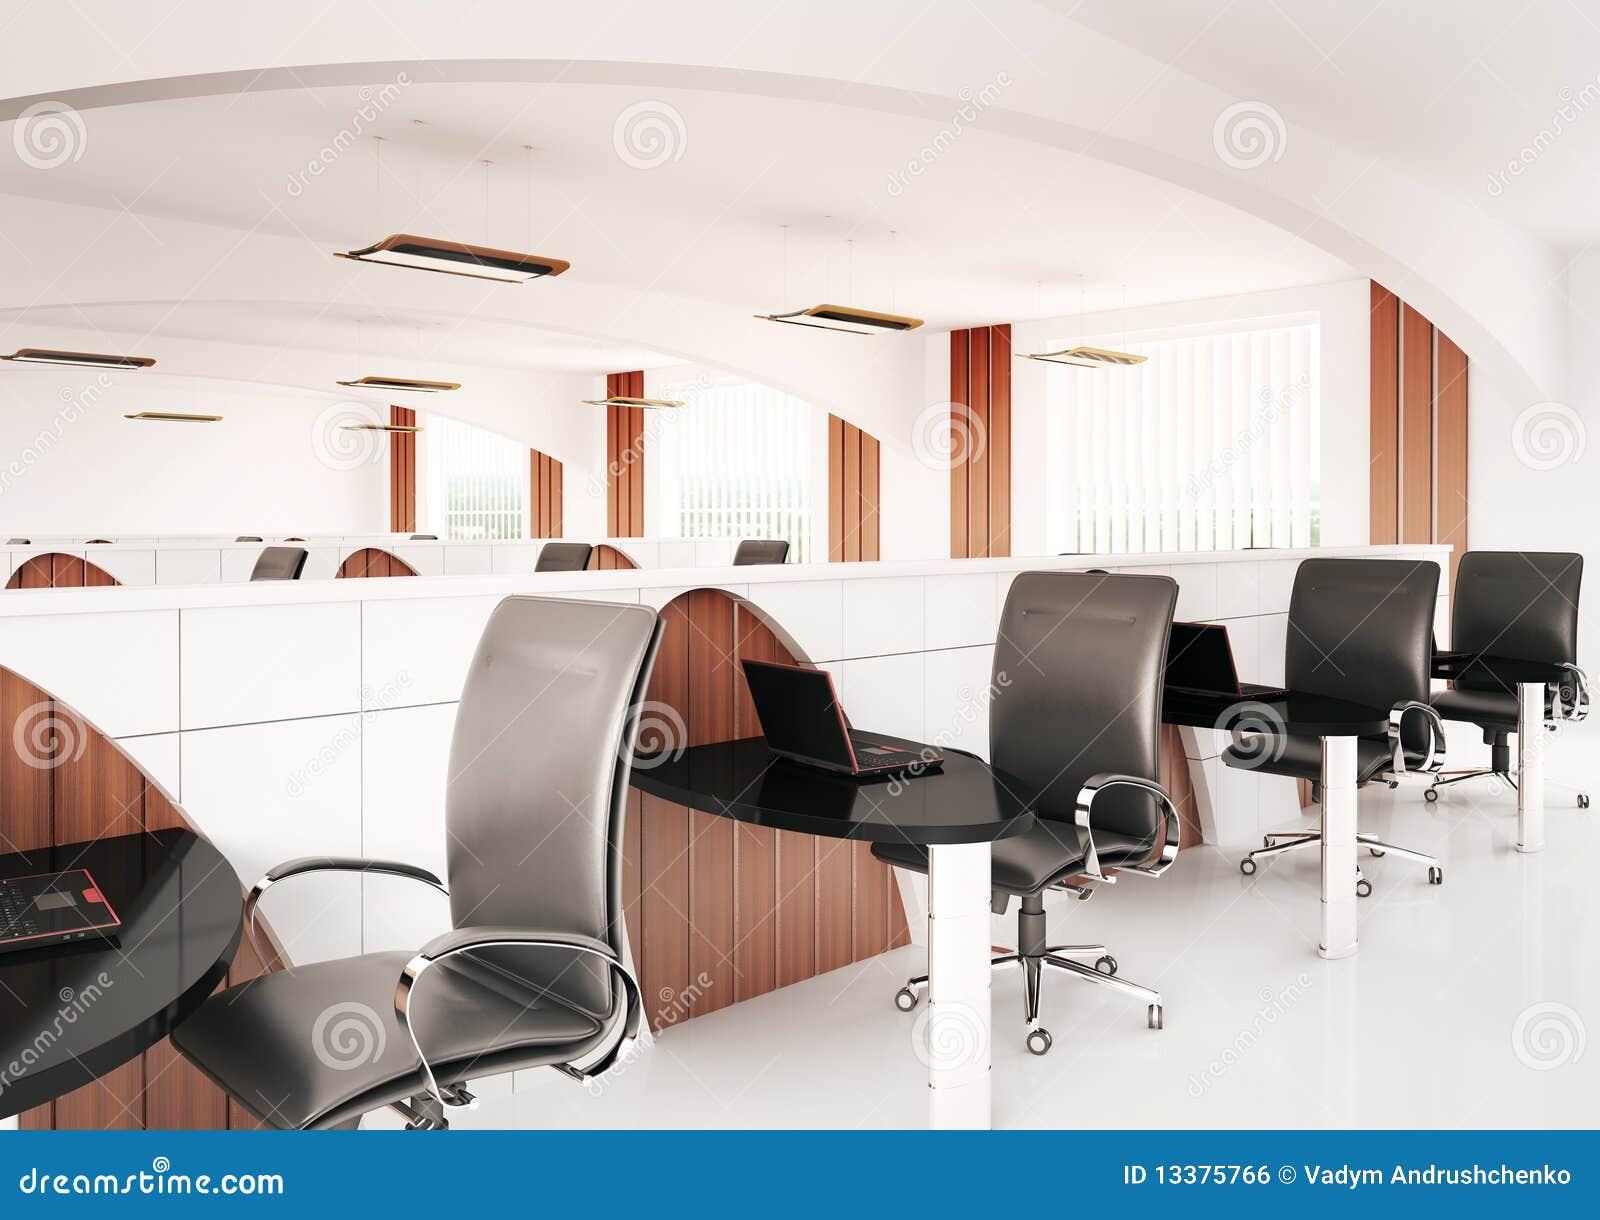 bureau 3d d 39 ordinateur image libre de droits image 13375766. Black Bedroom Furniture Sets. Home Design Ideas